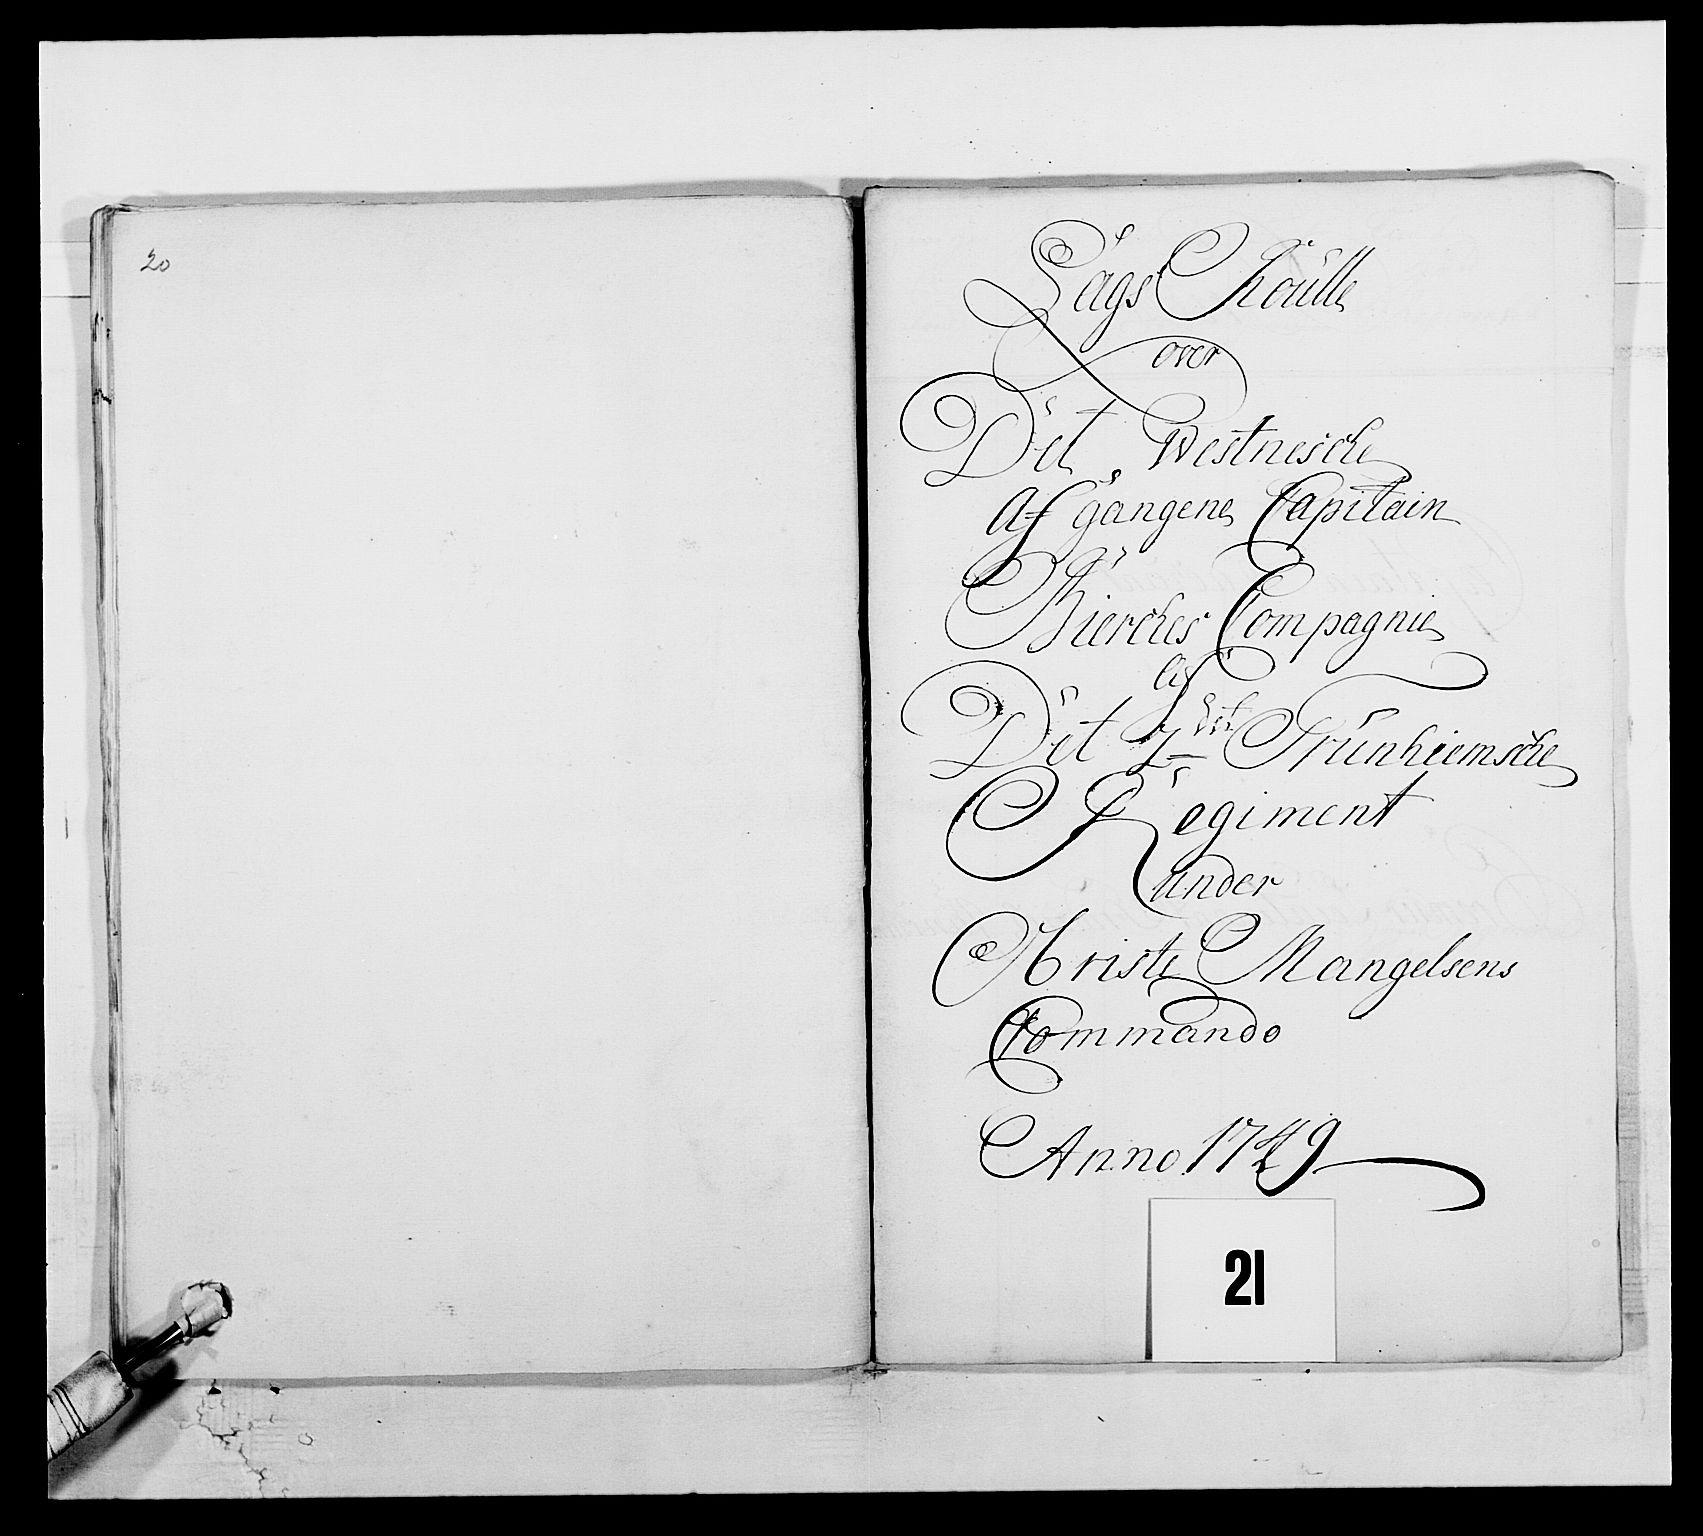 RA, Kommanderende general (KG I) med Det norske krigsdirektorium, E/Ea/L0512: 2. Trondheimske regiment, 1746-1749, p. 482